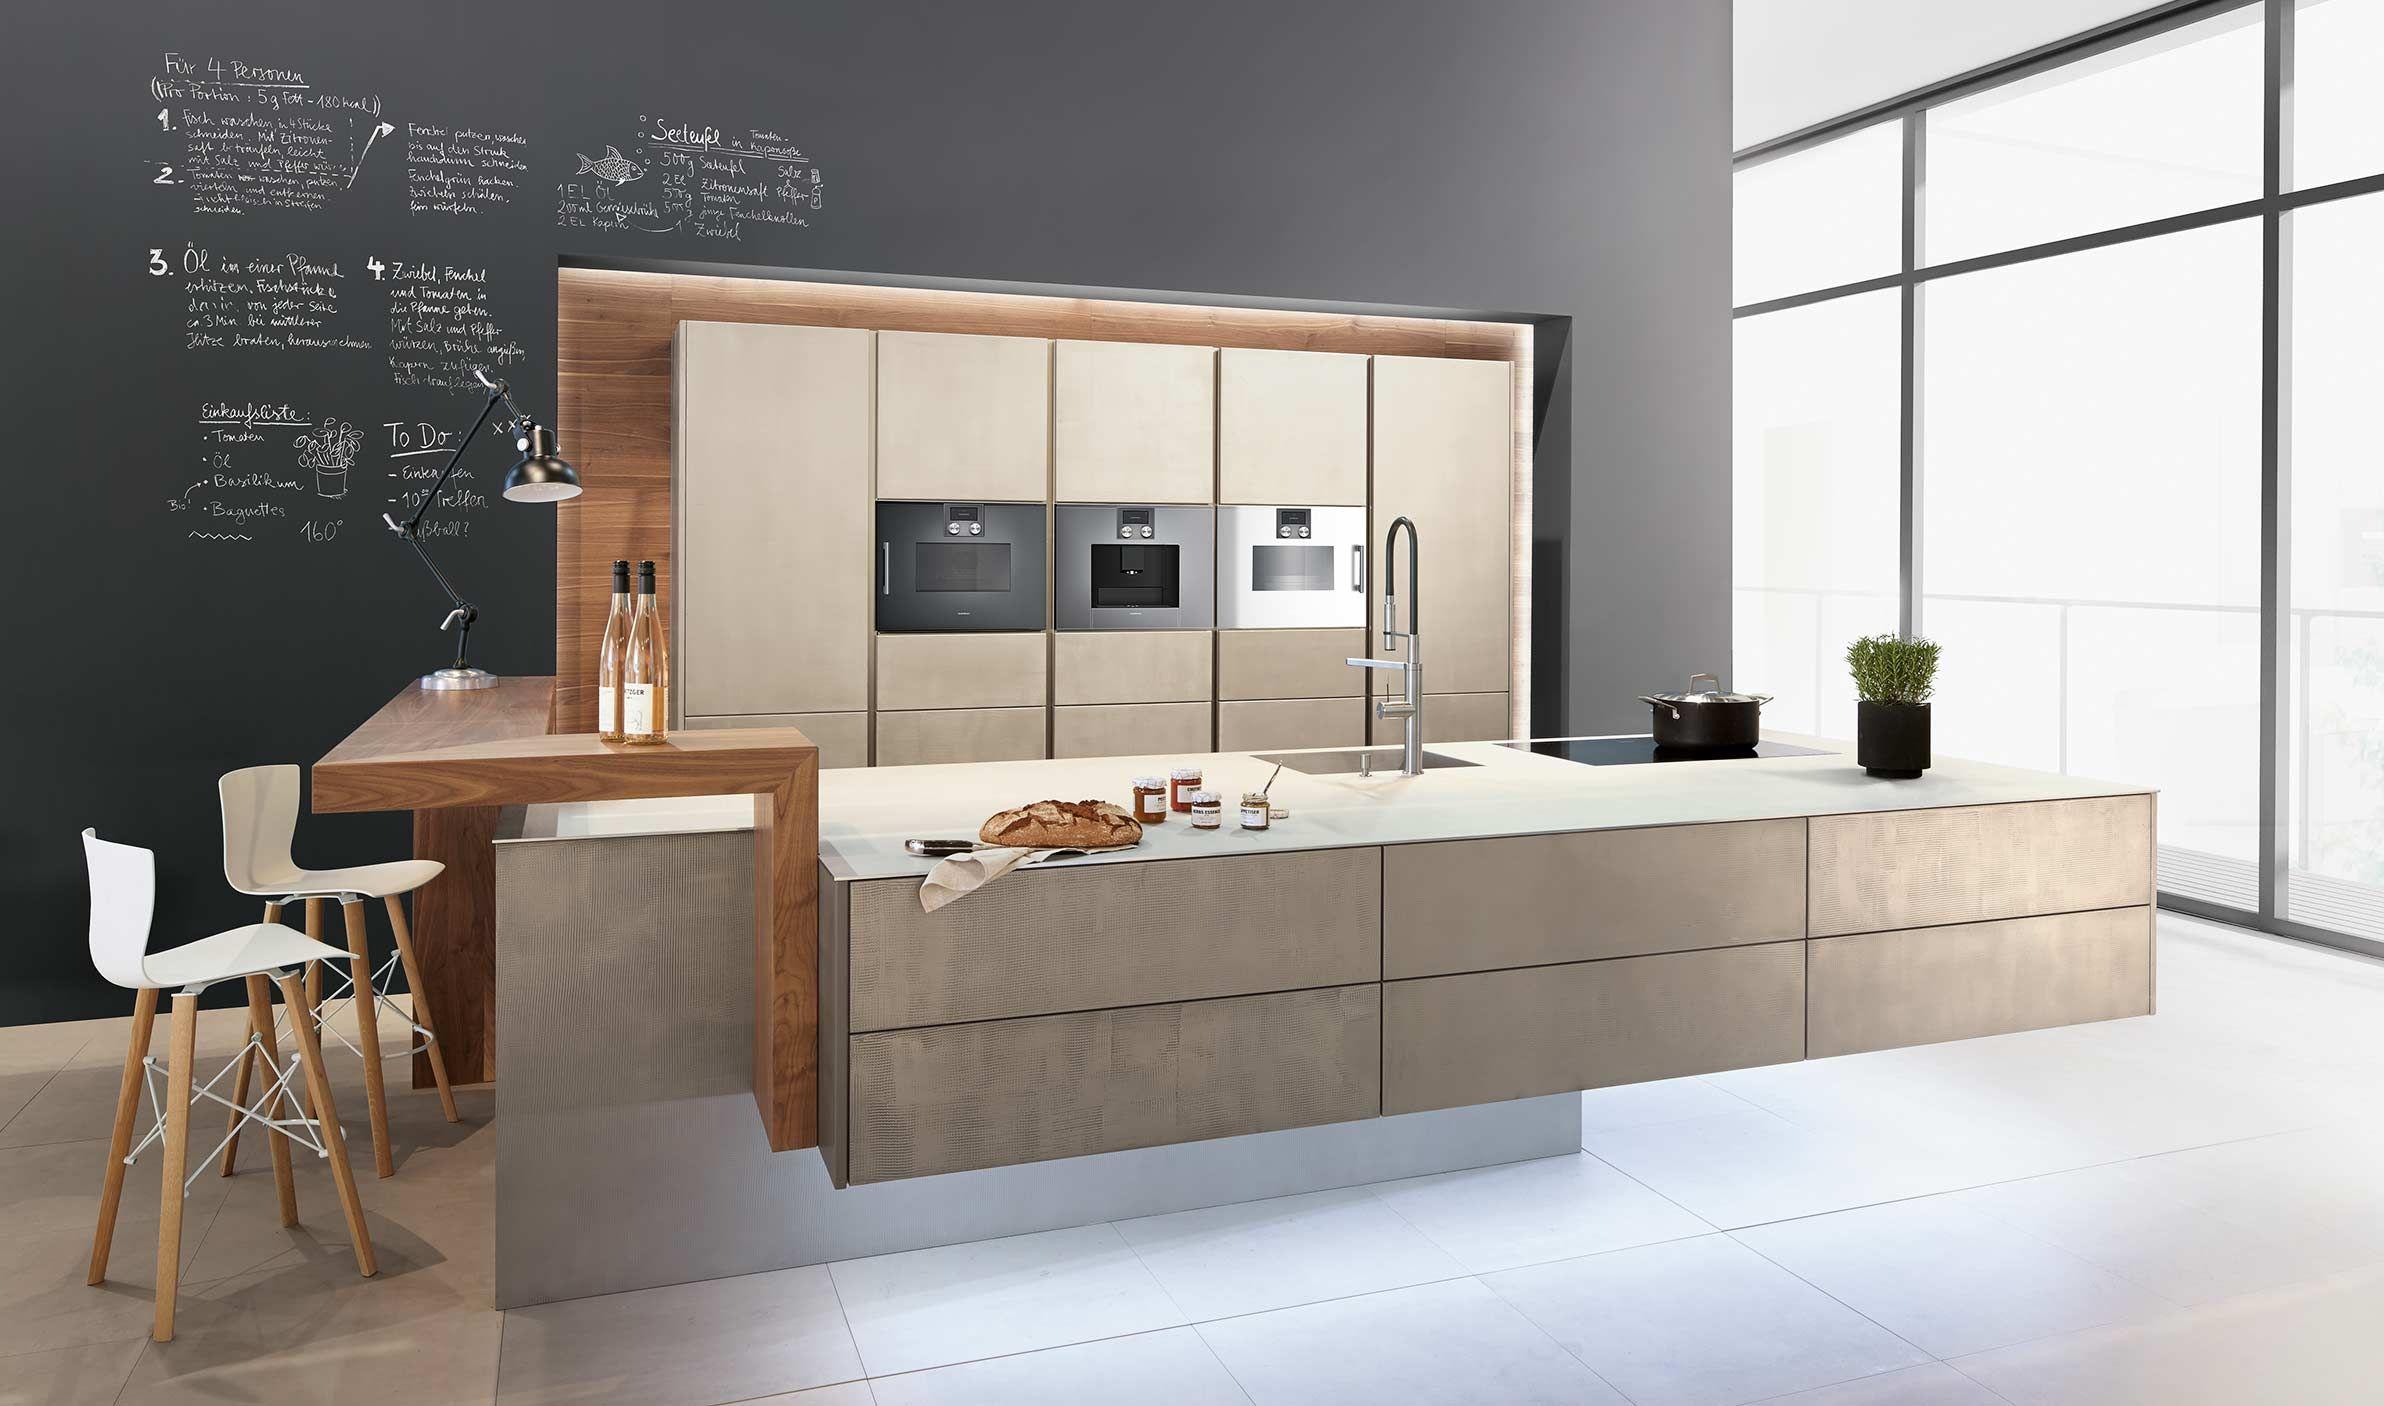 Niedlich Küche Designtrends 2014 Australien Fotos - Ideen Für Die ...